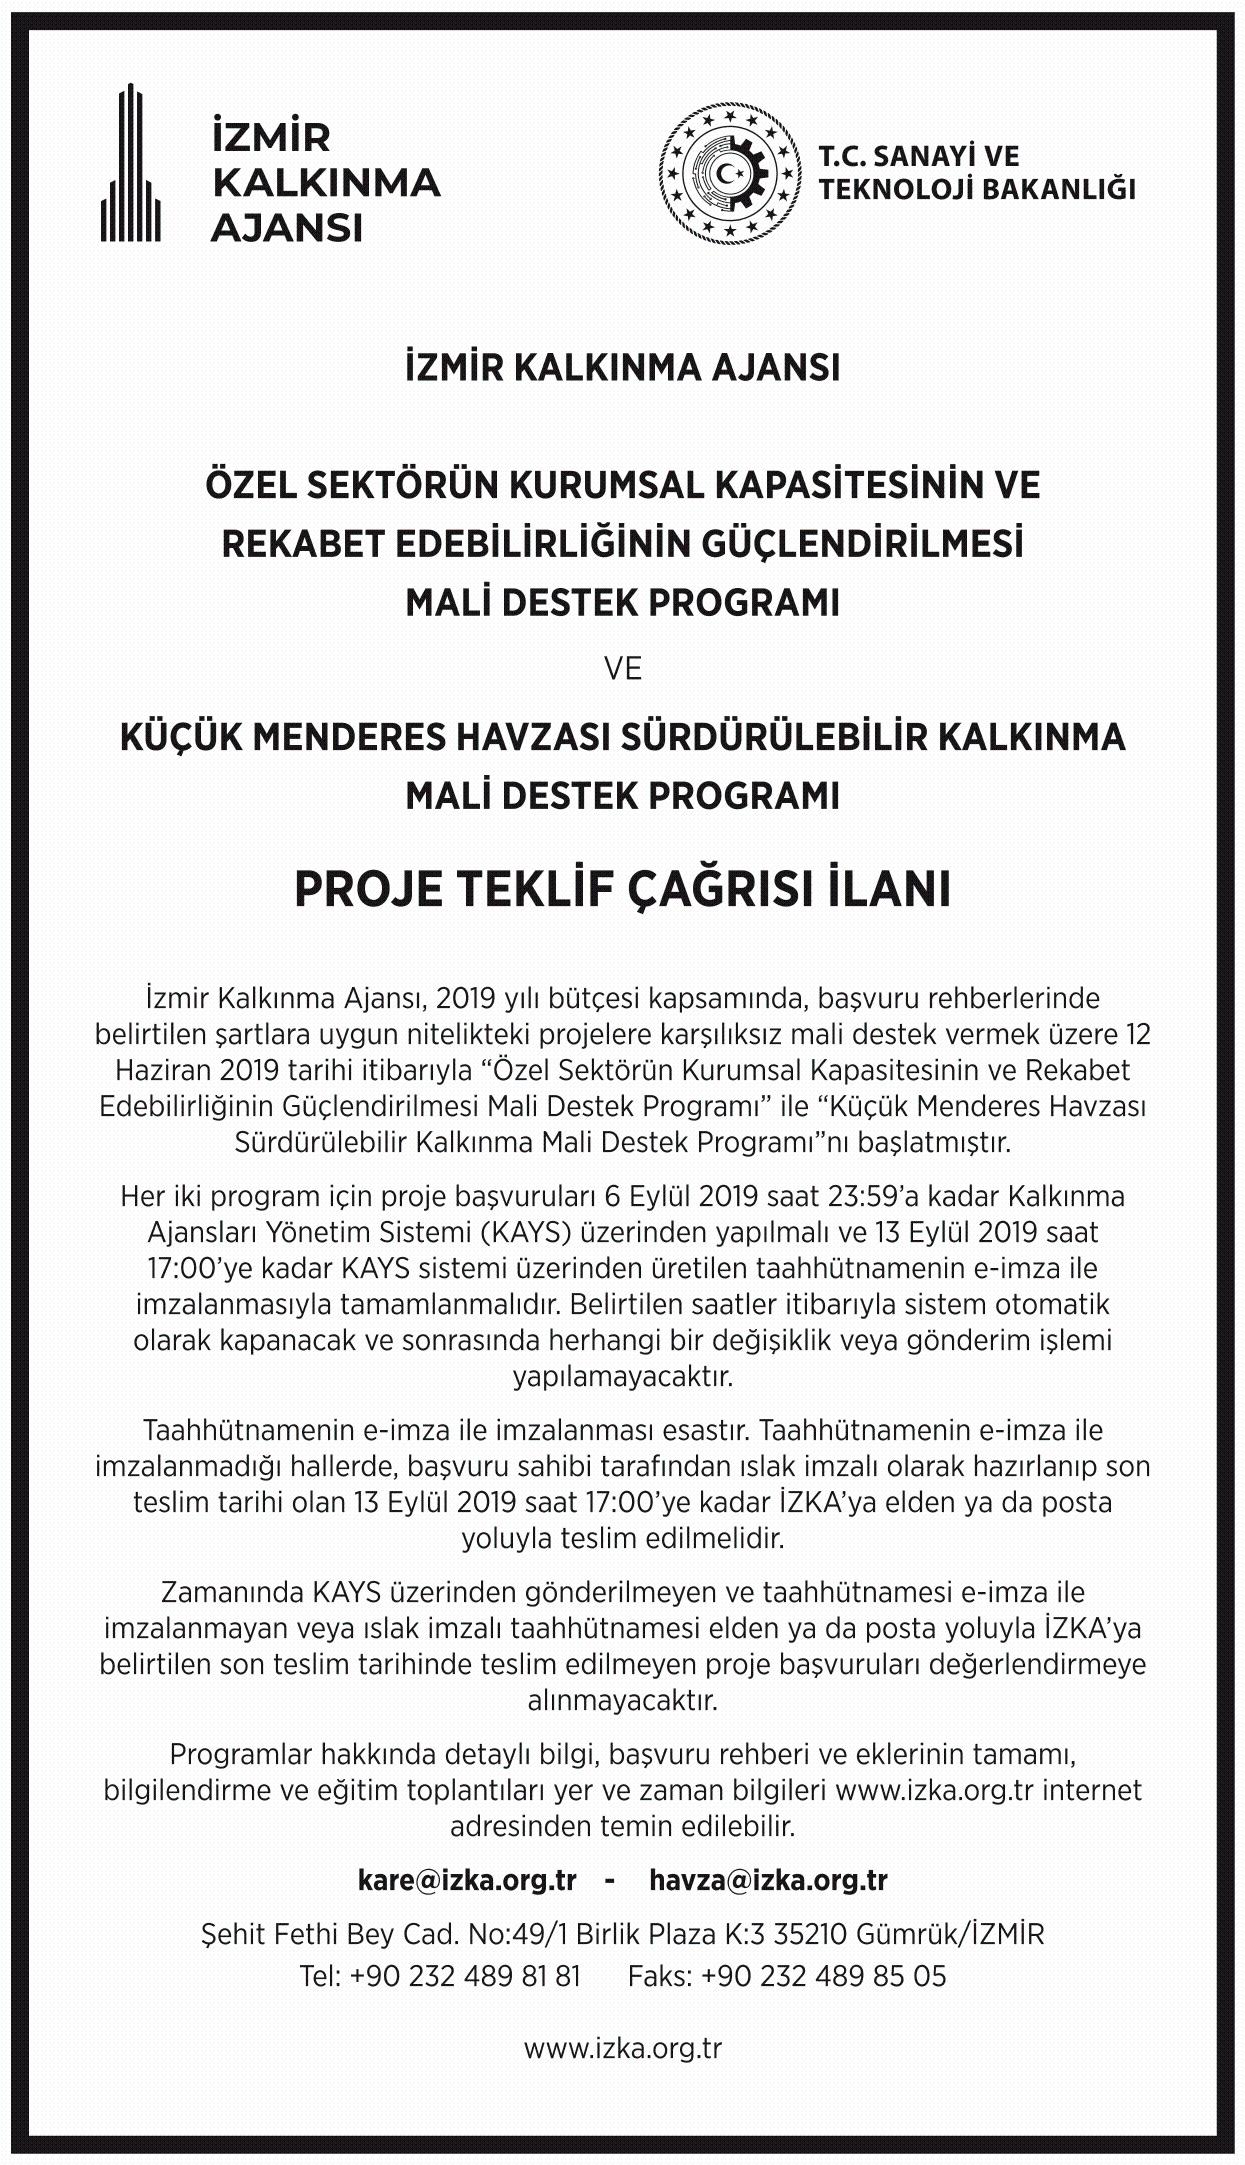 Proje teklif çağrısı ilanı